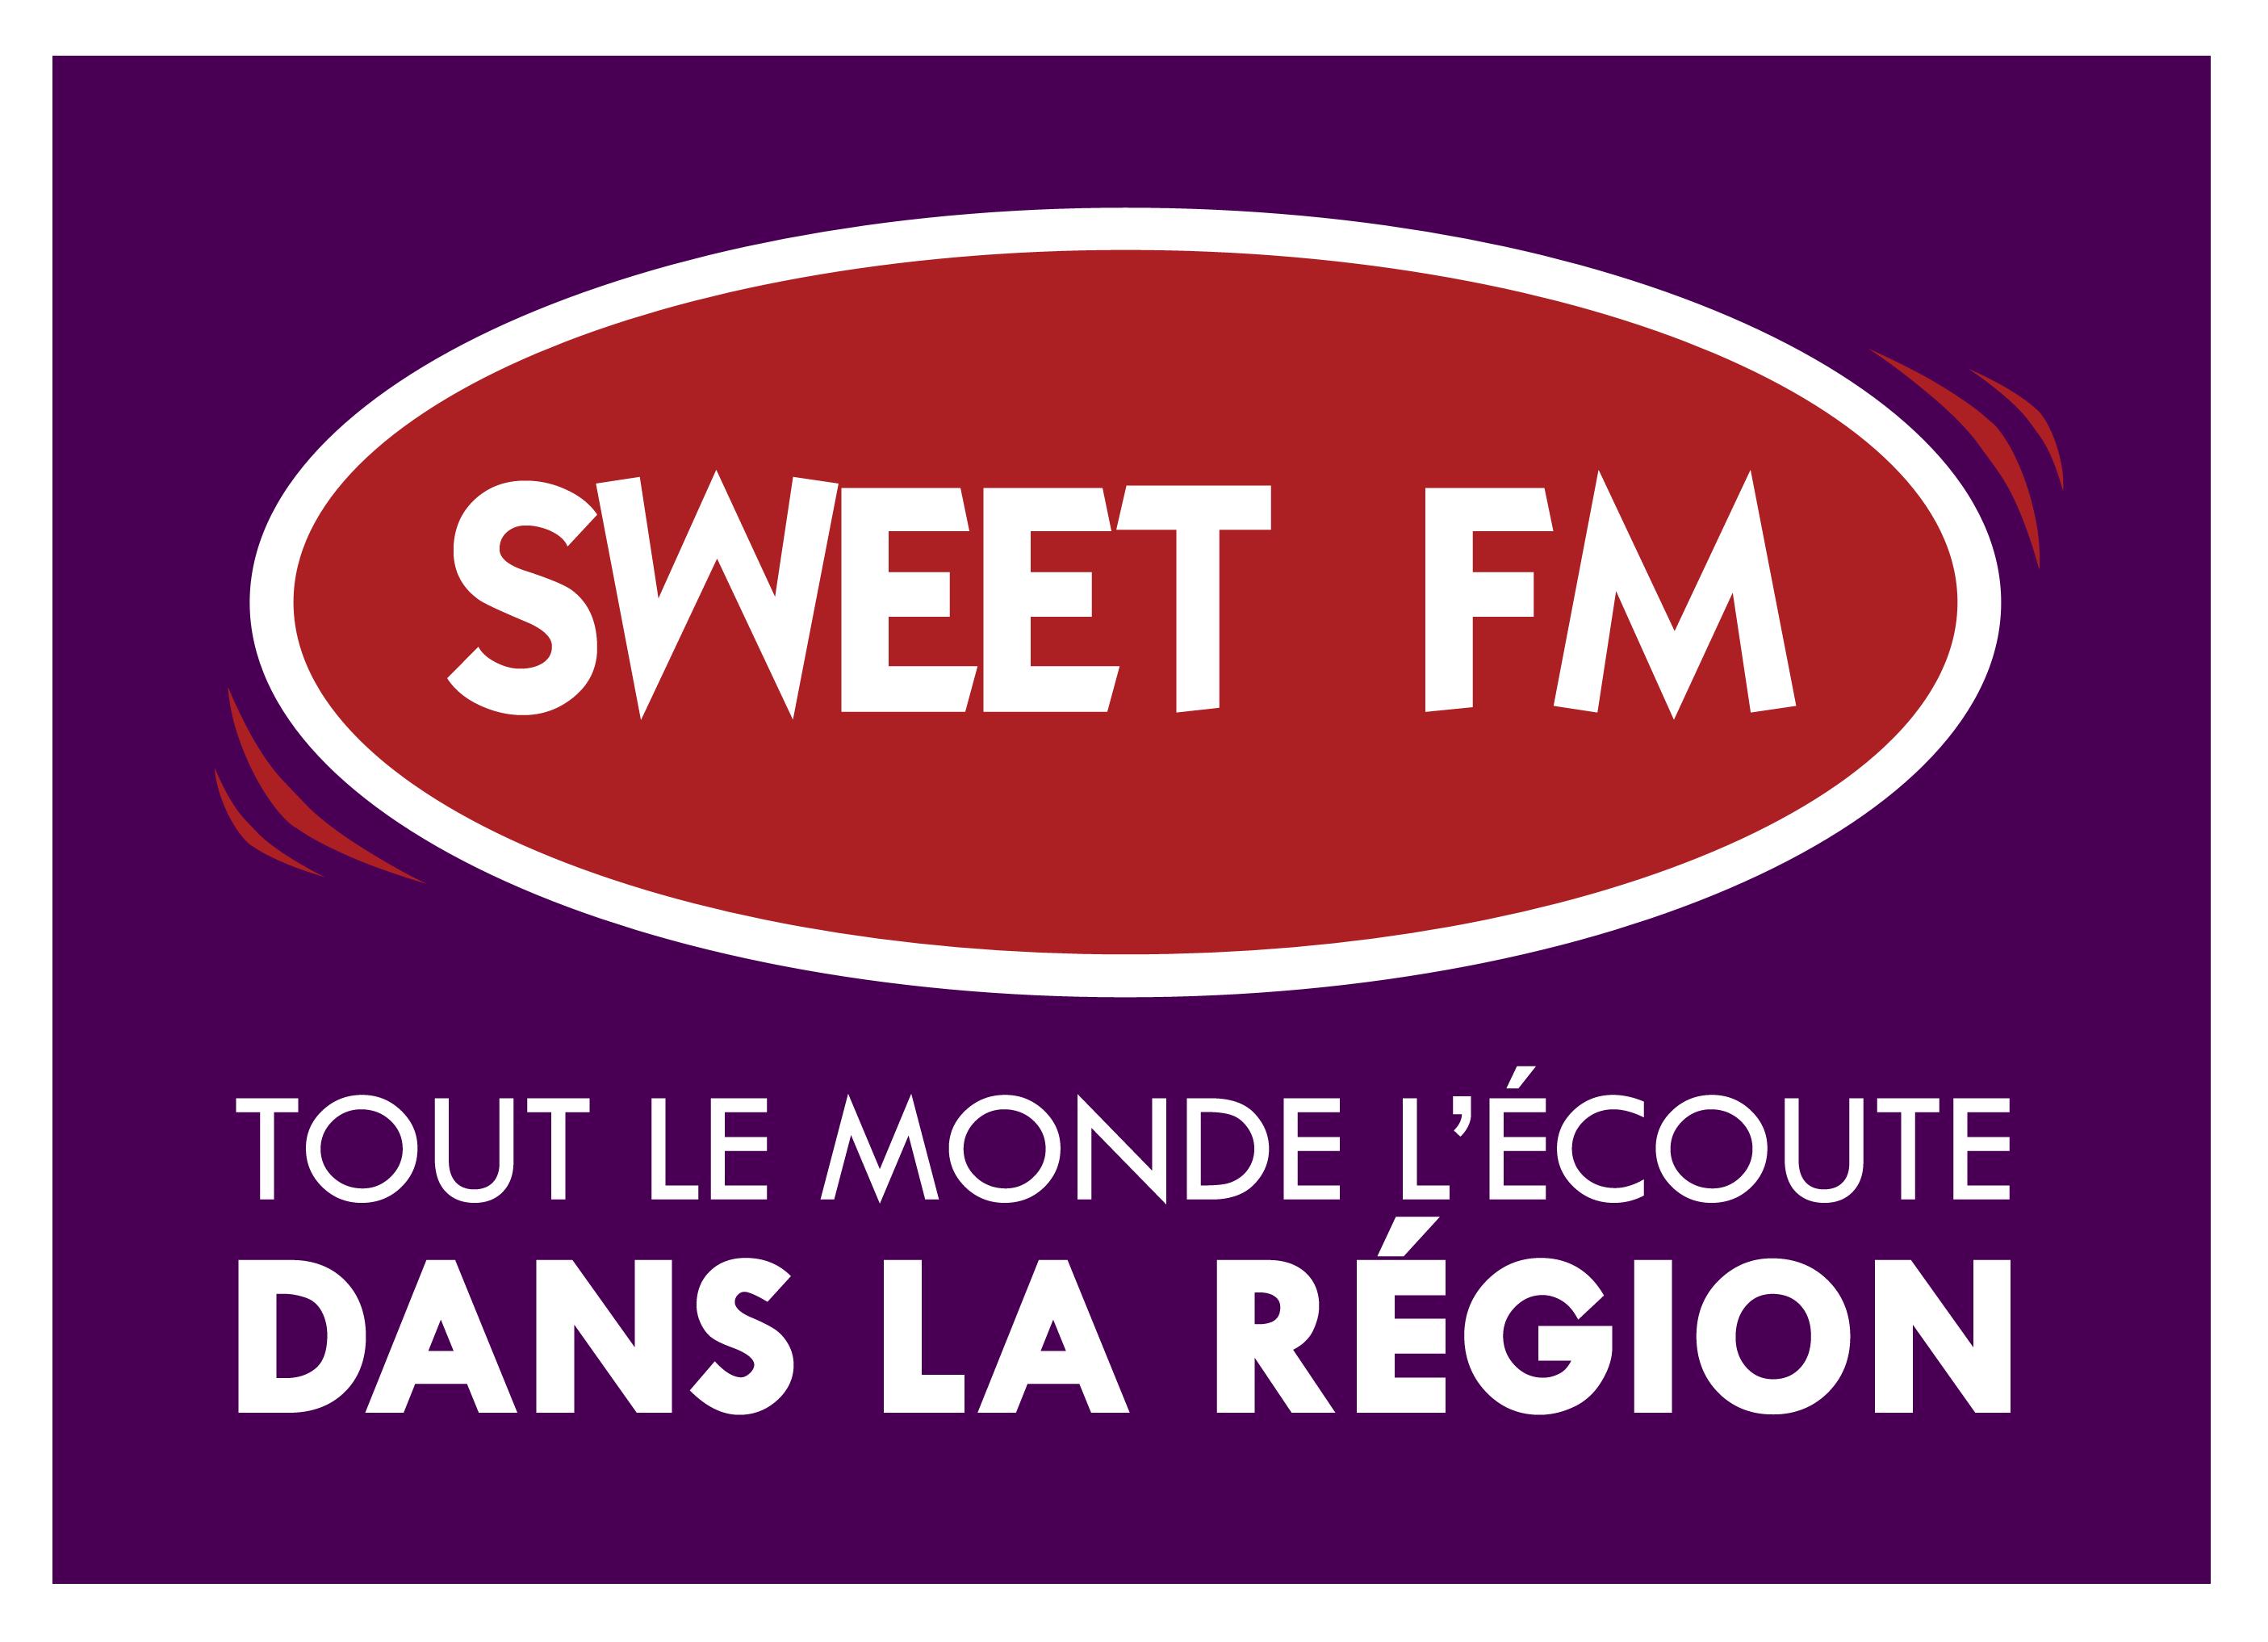 logo-sweet-fm-tlm-couleur-avec-fond-2